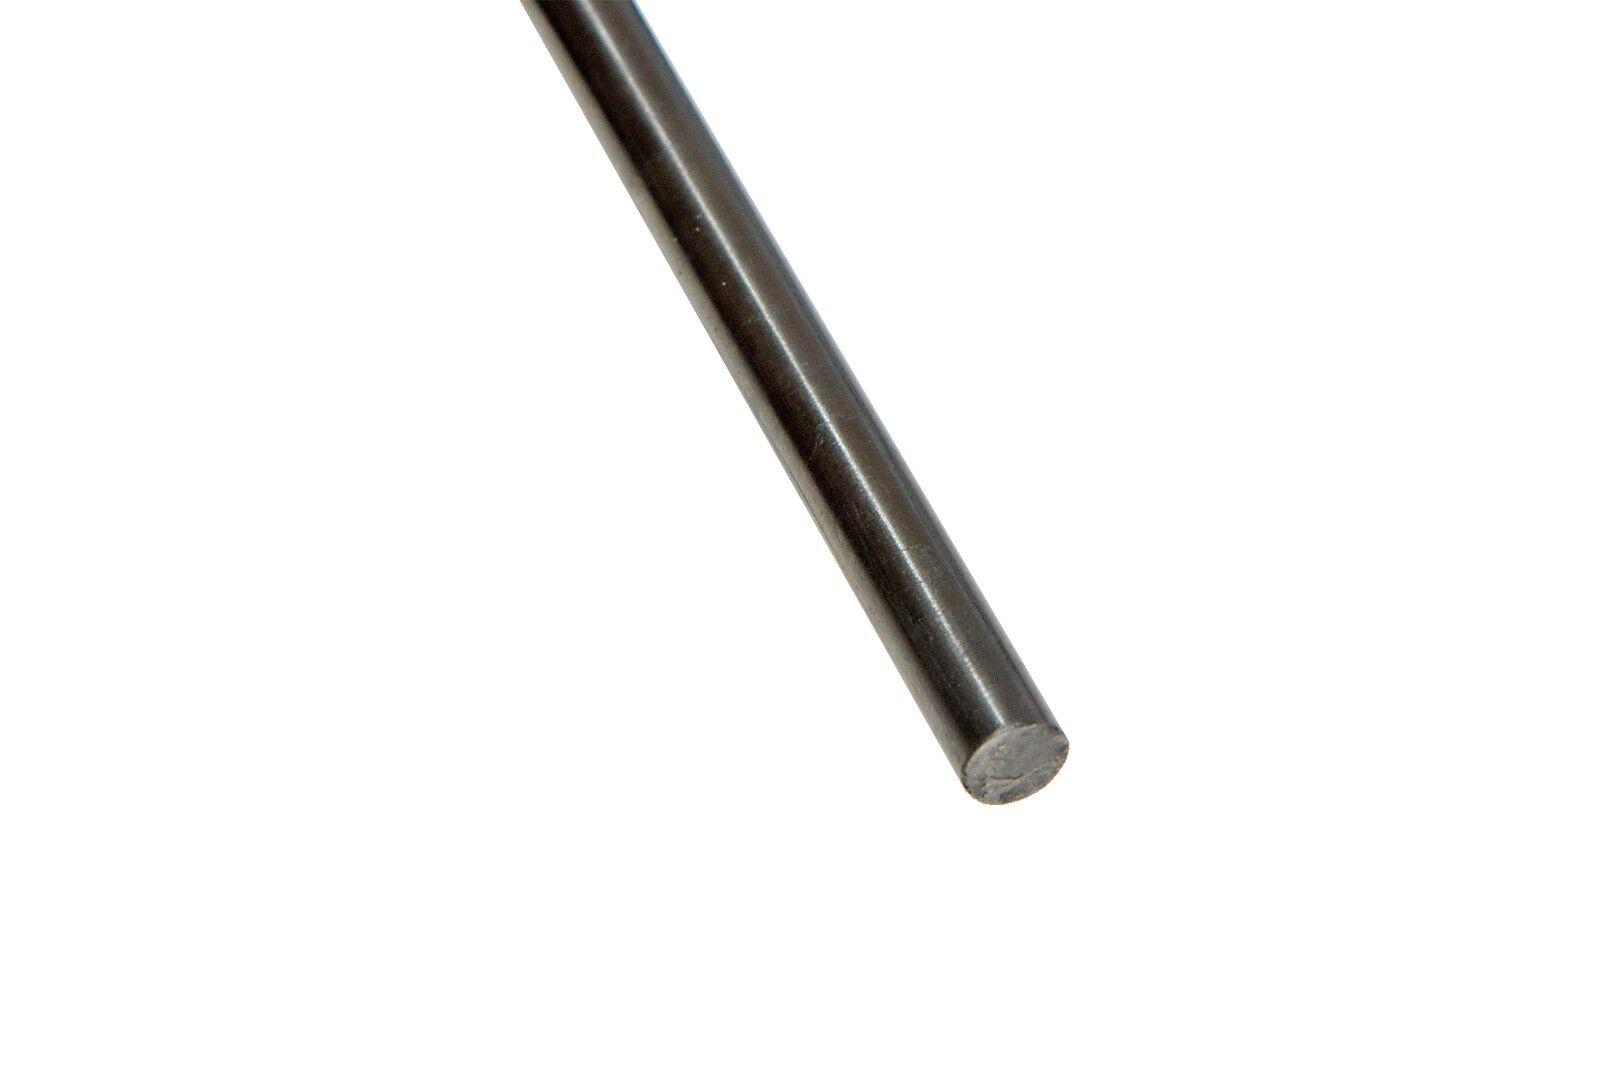 Stahldraht Federstahldraht, extra hart Aeronaut Länge 1000 mm ...